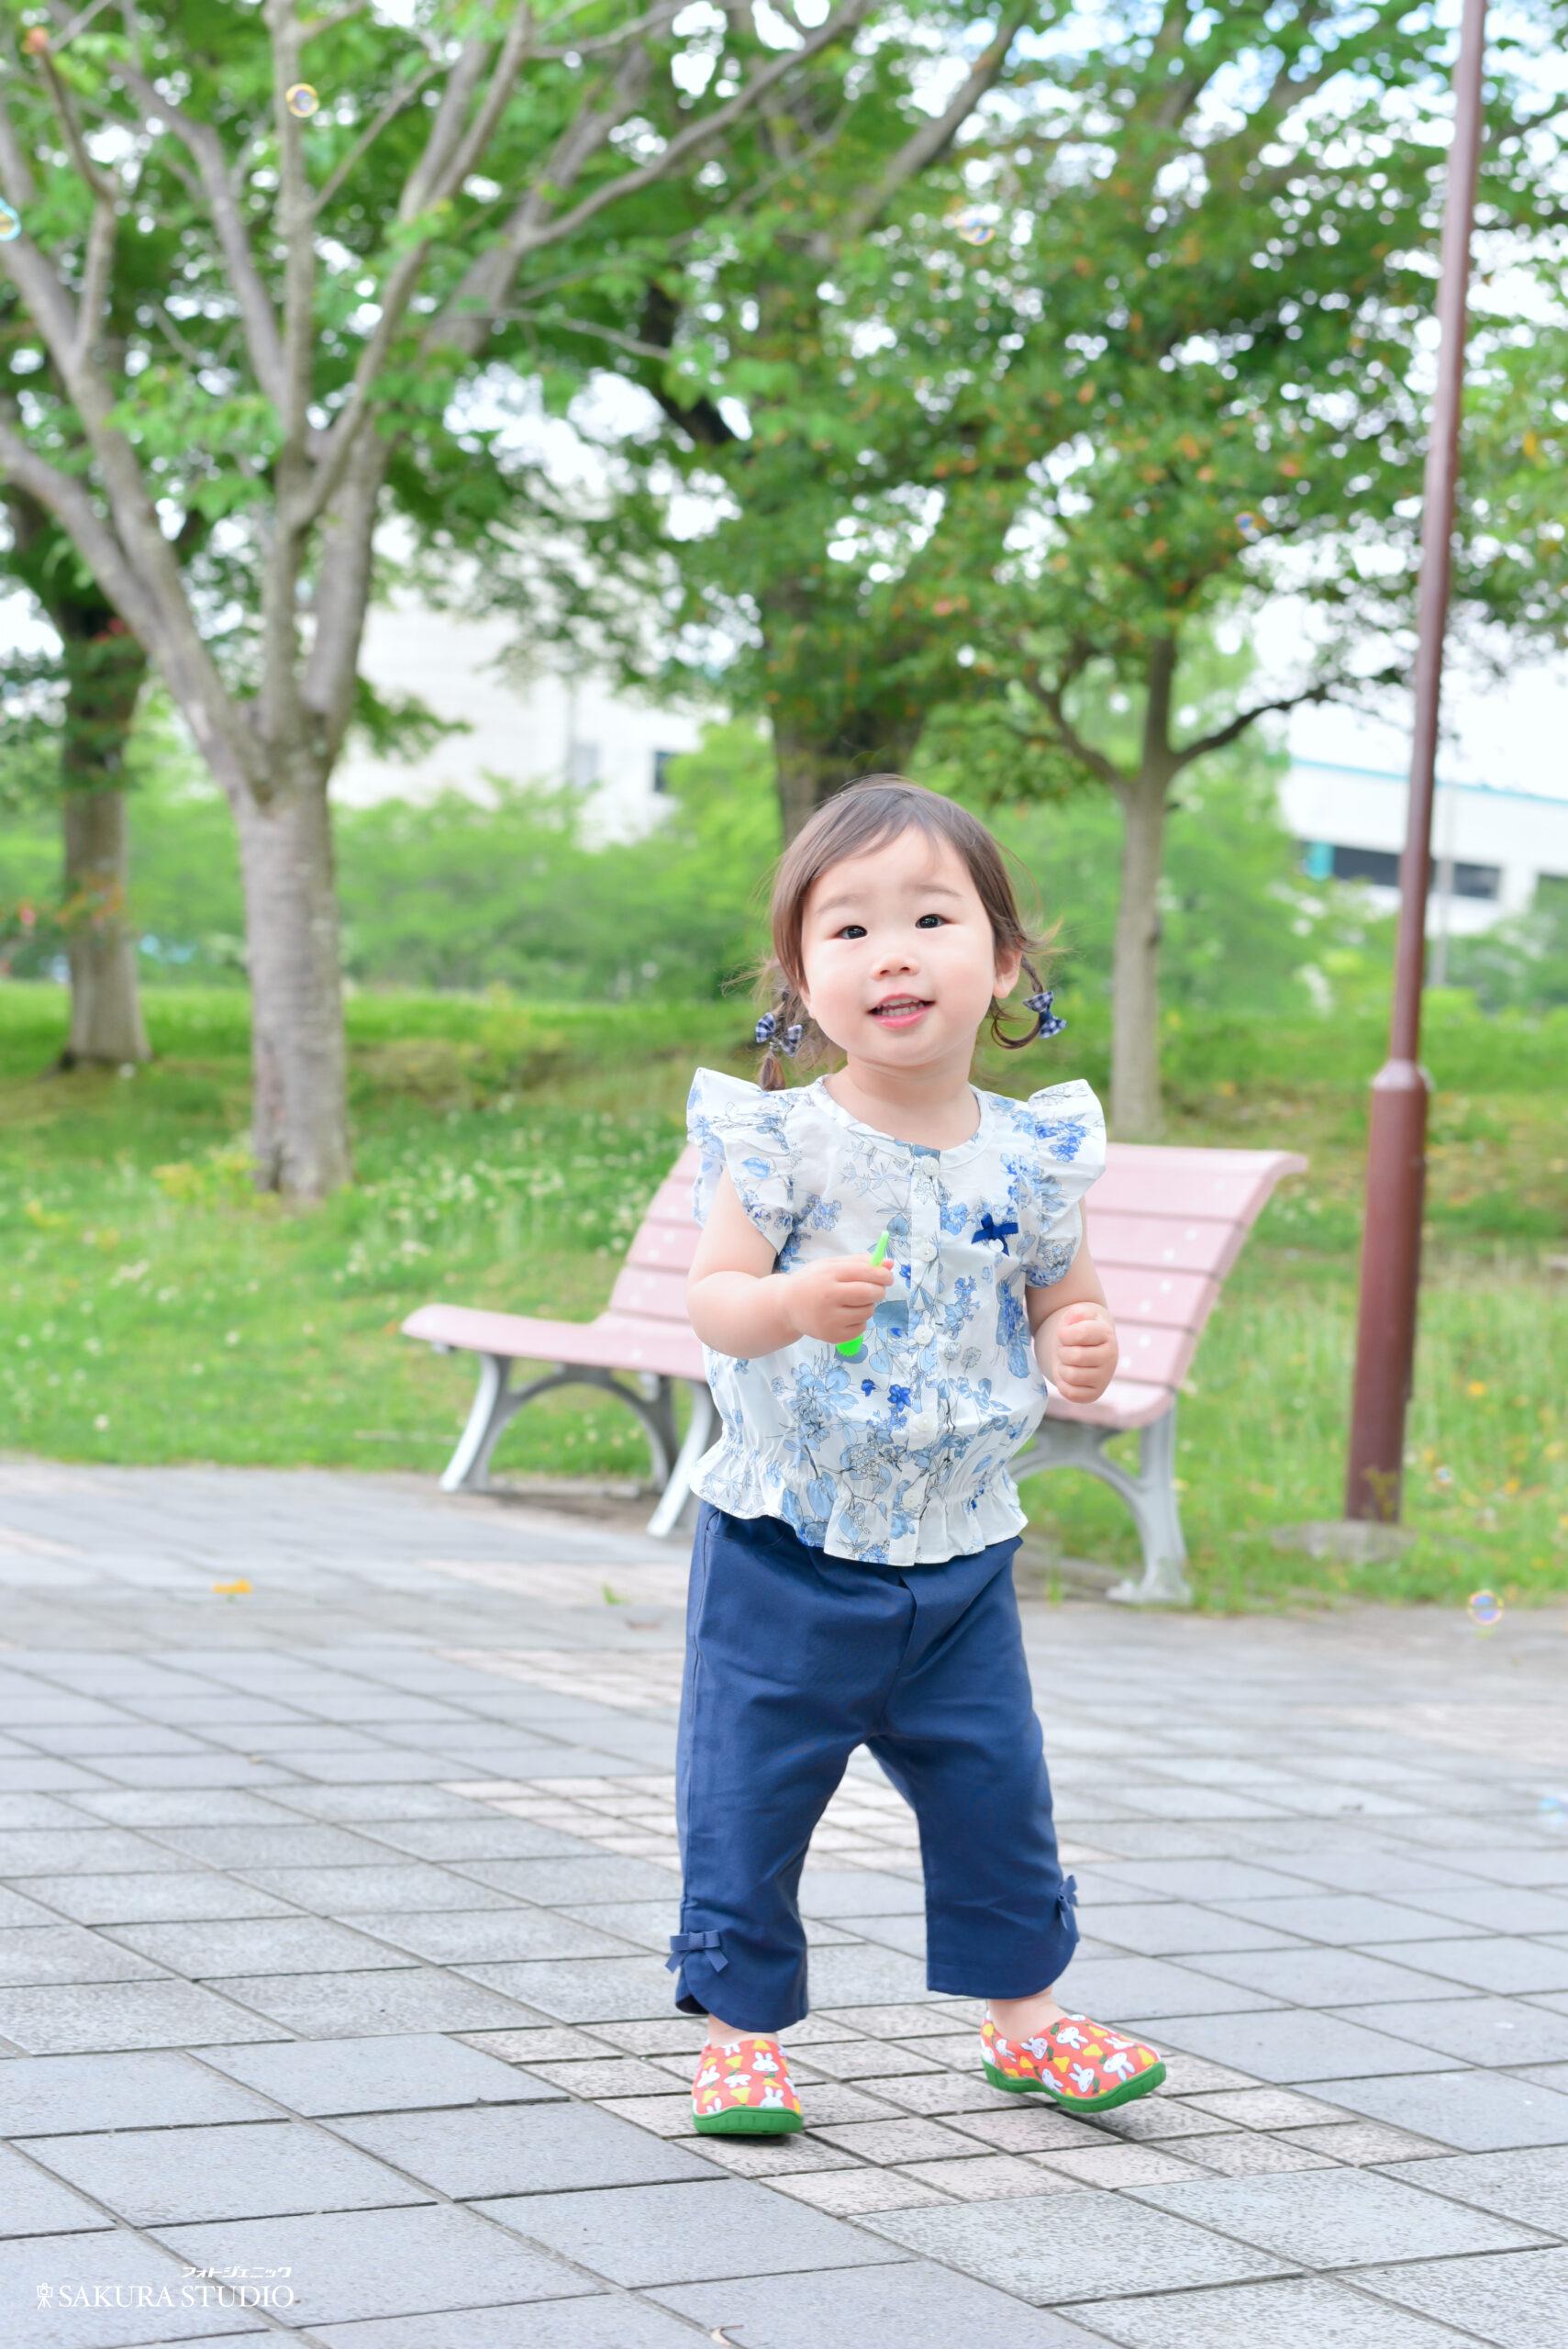 栃木 宇都宮 フォトスタジオ フォトジェニック フォトジェニックサクラスタジオ 七五三 7歳 着物 ドレス レンタル 2歳 お誕生日 バースデー カメラマン ロケーションフォト かわいい 女の子 姉妹